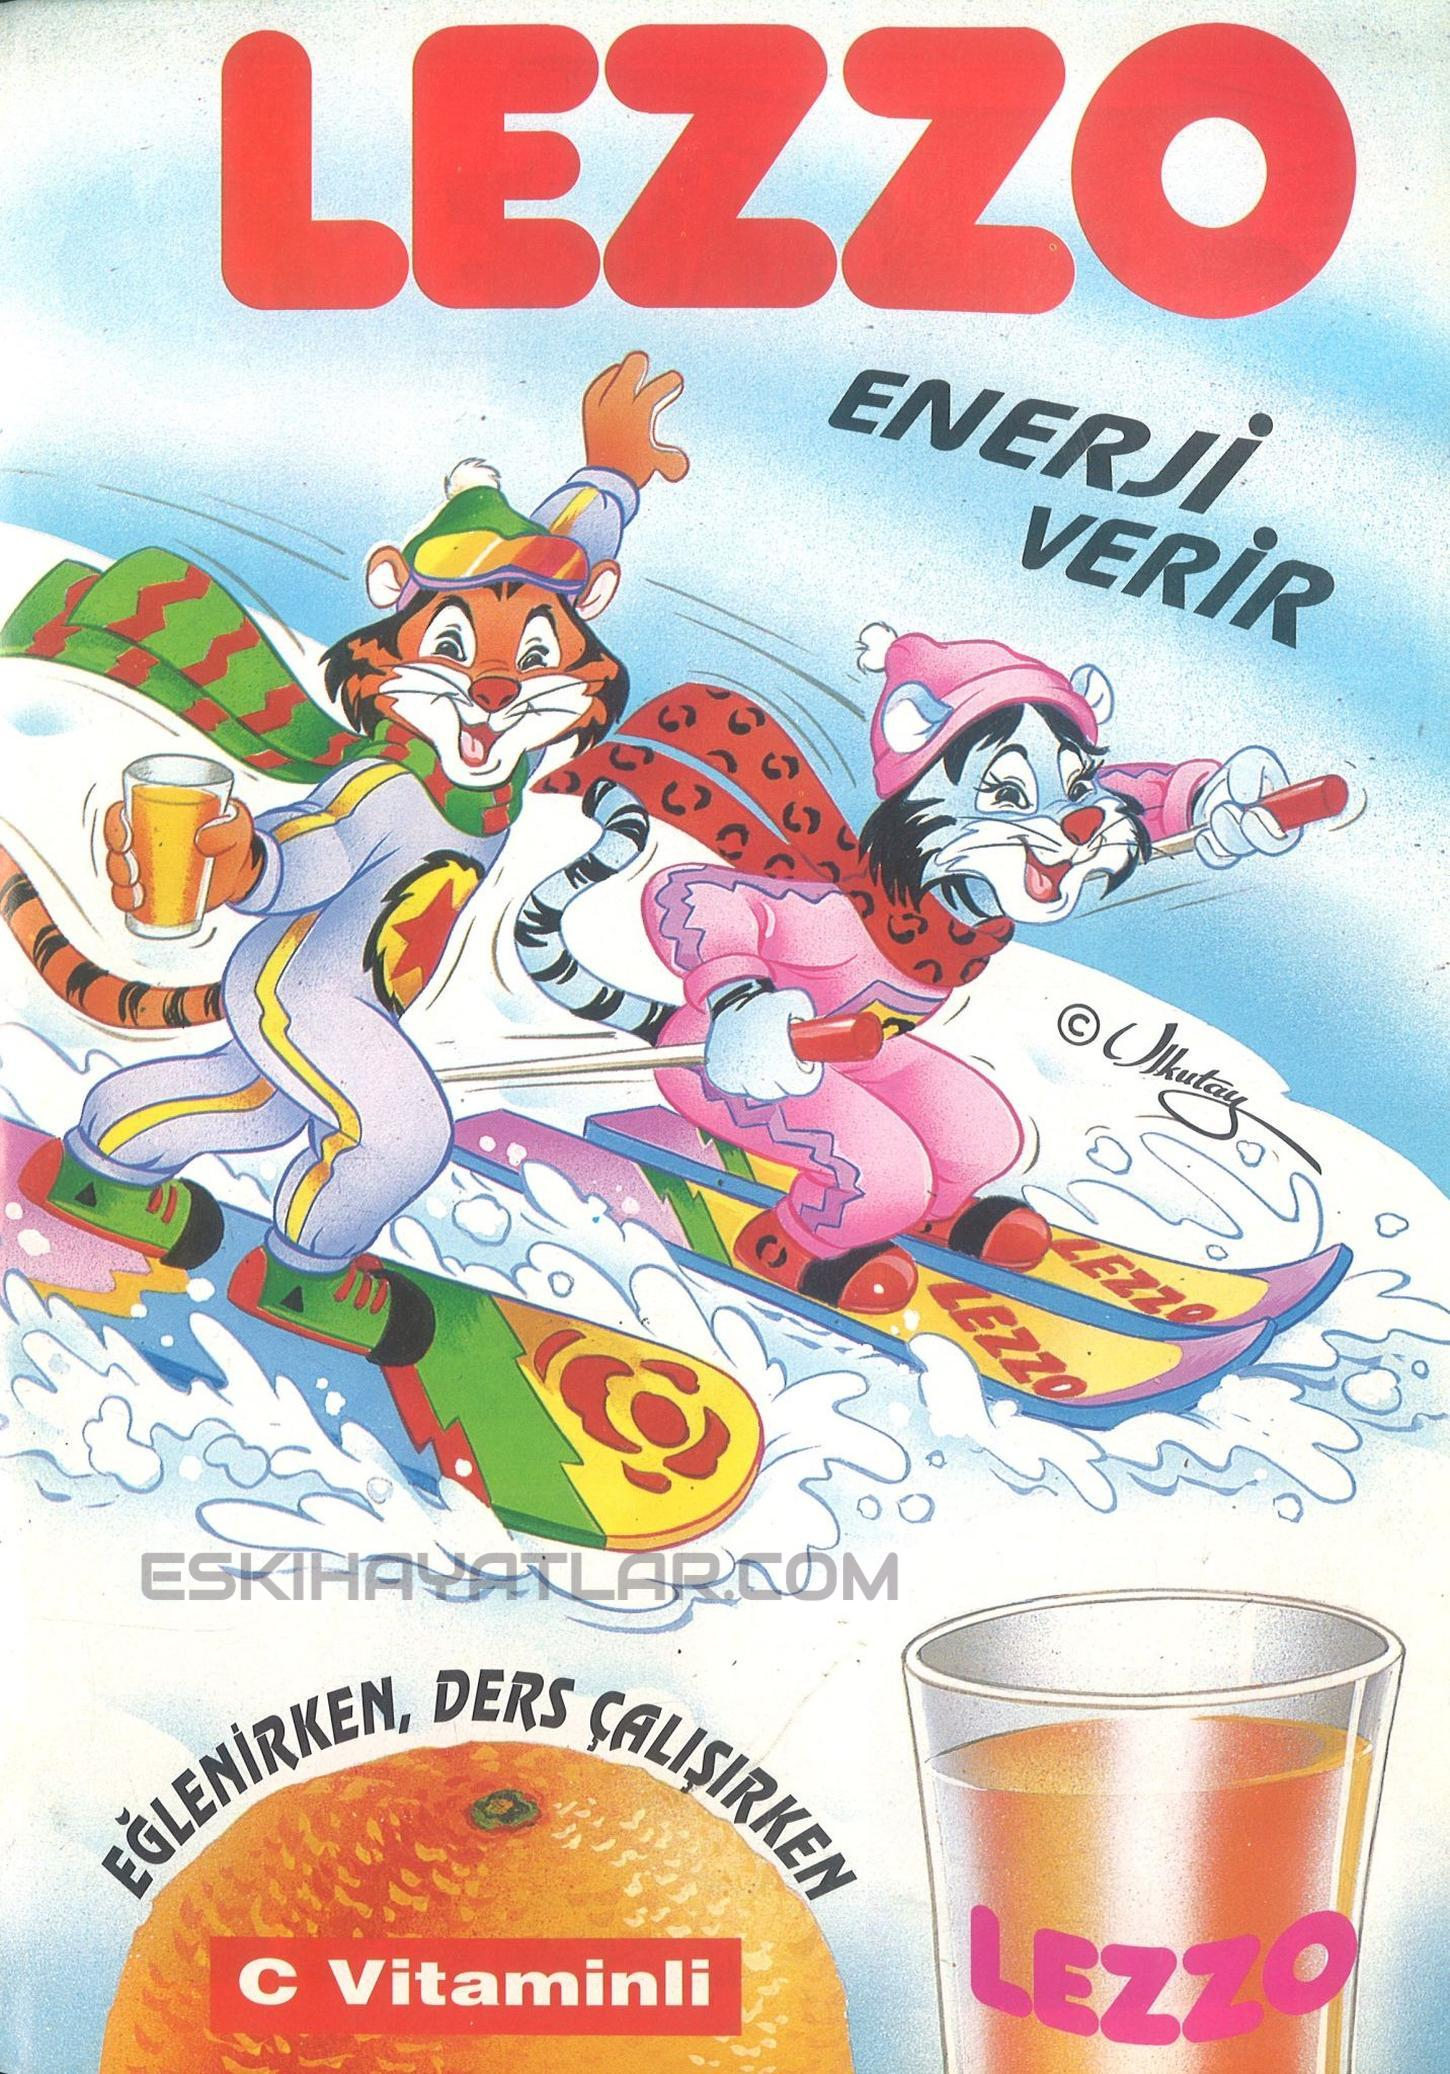 doksanli-yillarin-unutulmaz-reklamlari-lezzo-turbo-sakizi (1)